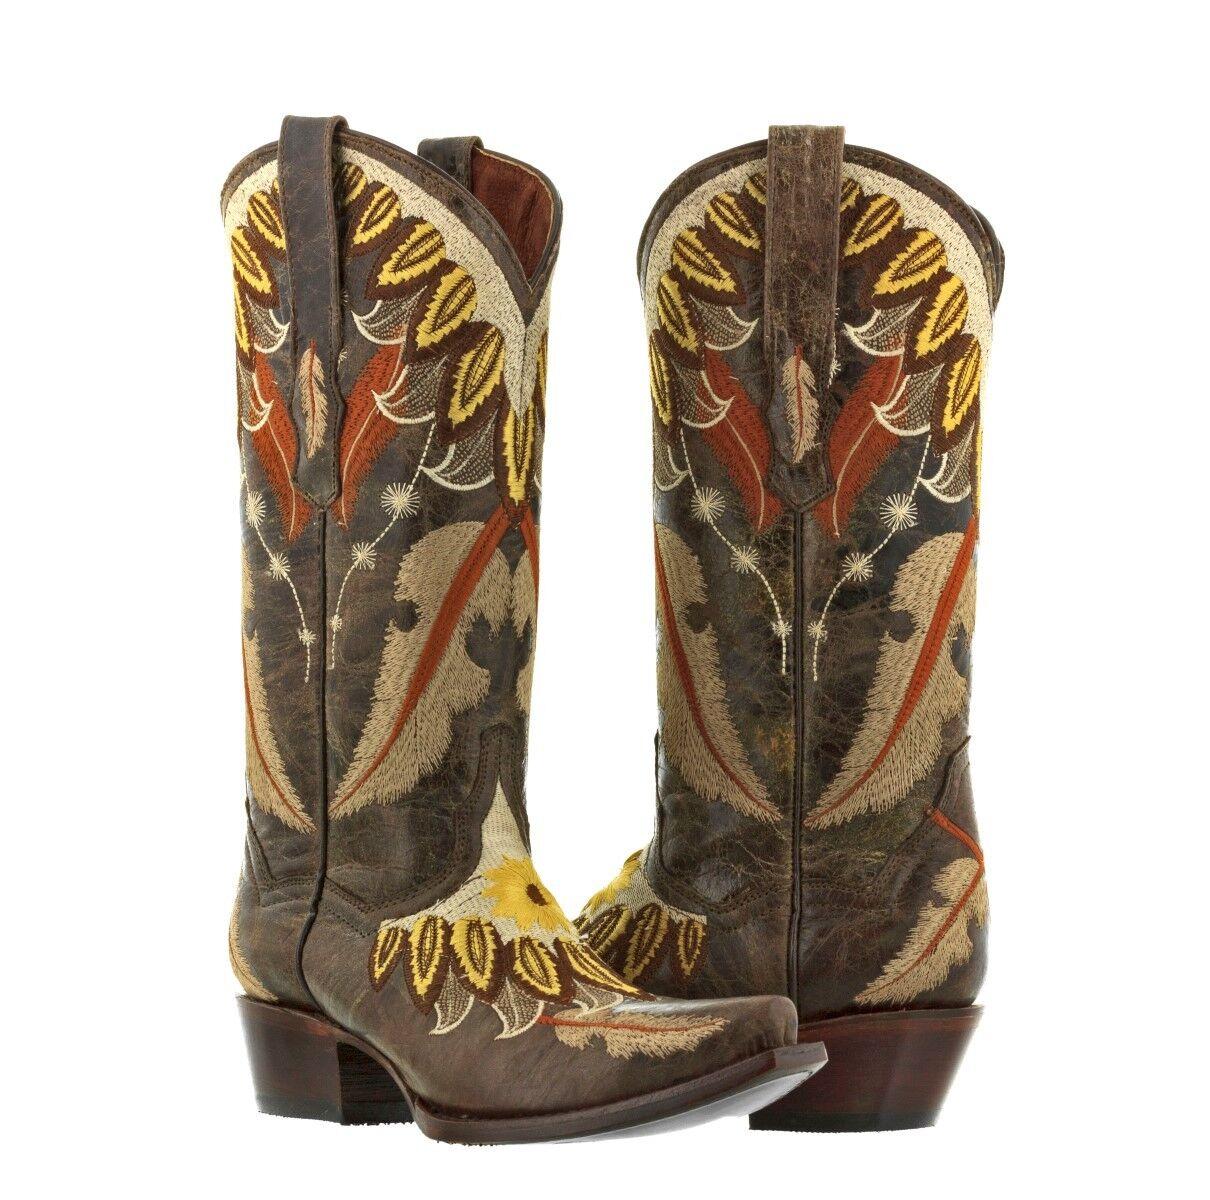 risparmia il 50% -75% di sconto donna Marrone Feathered Embroidered Leather Cowgirl Cowgirl Cowgirl stivali Western Snip Toe  migliore offerta